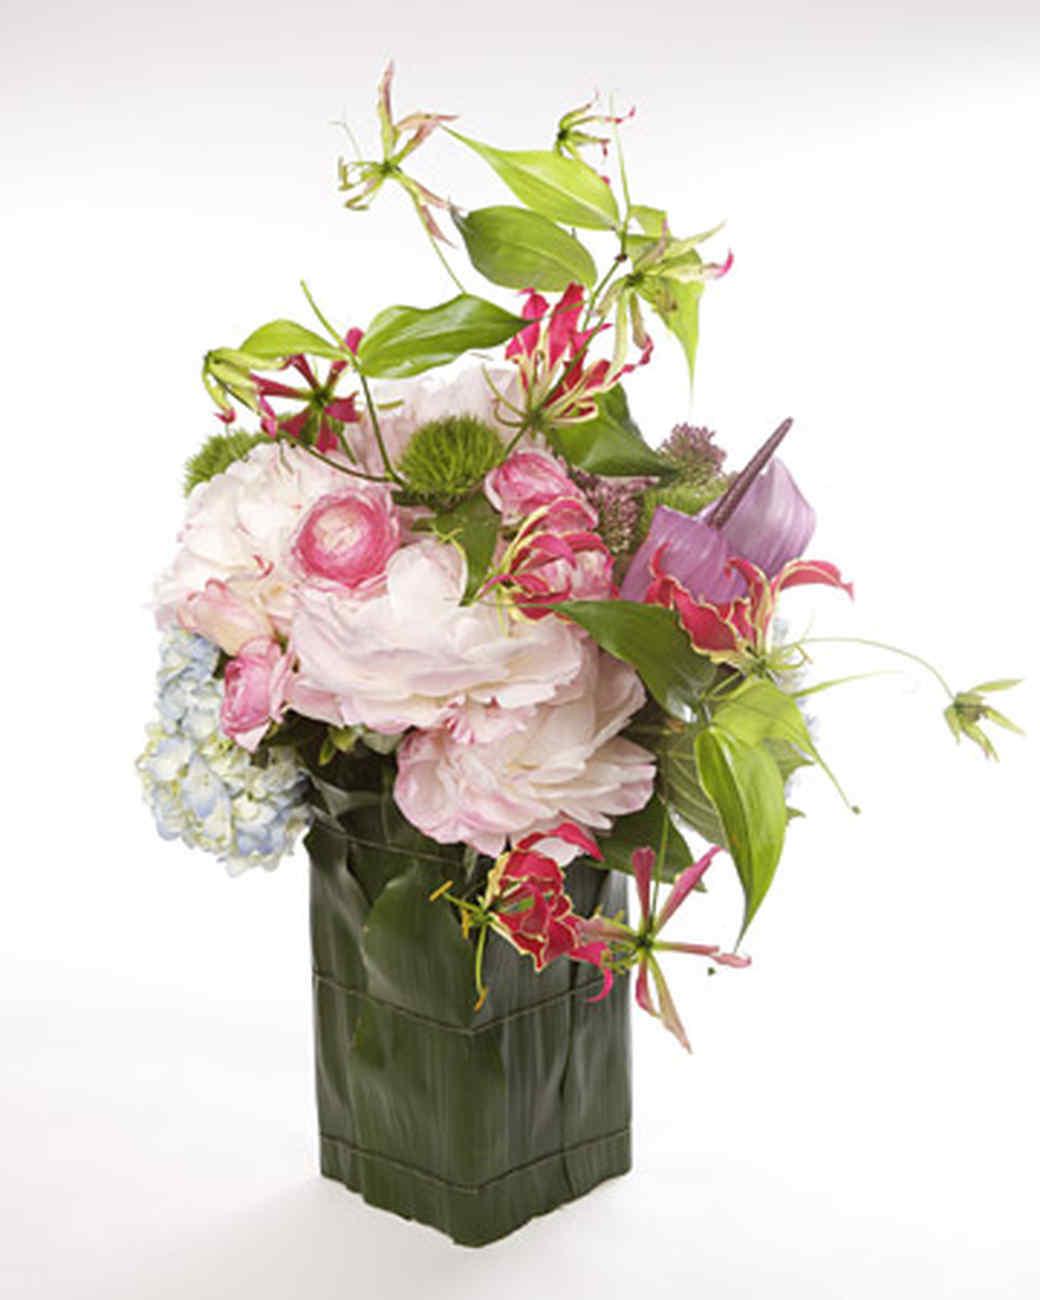 4046_012309_flowers.jpg